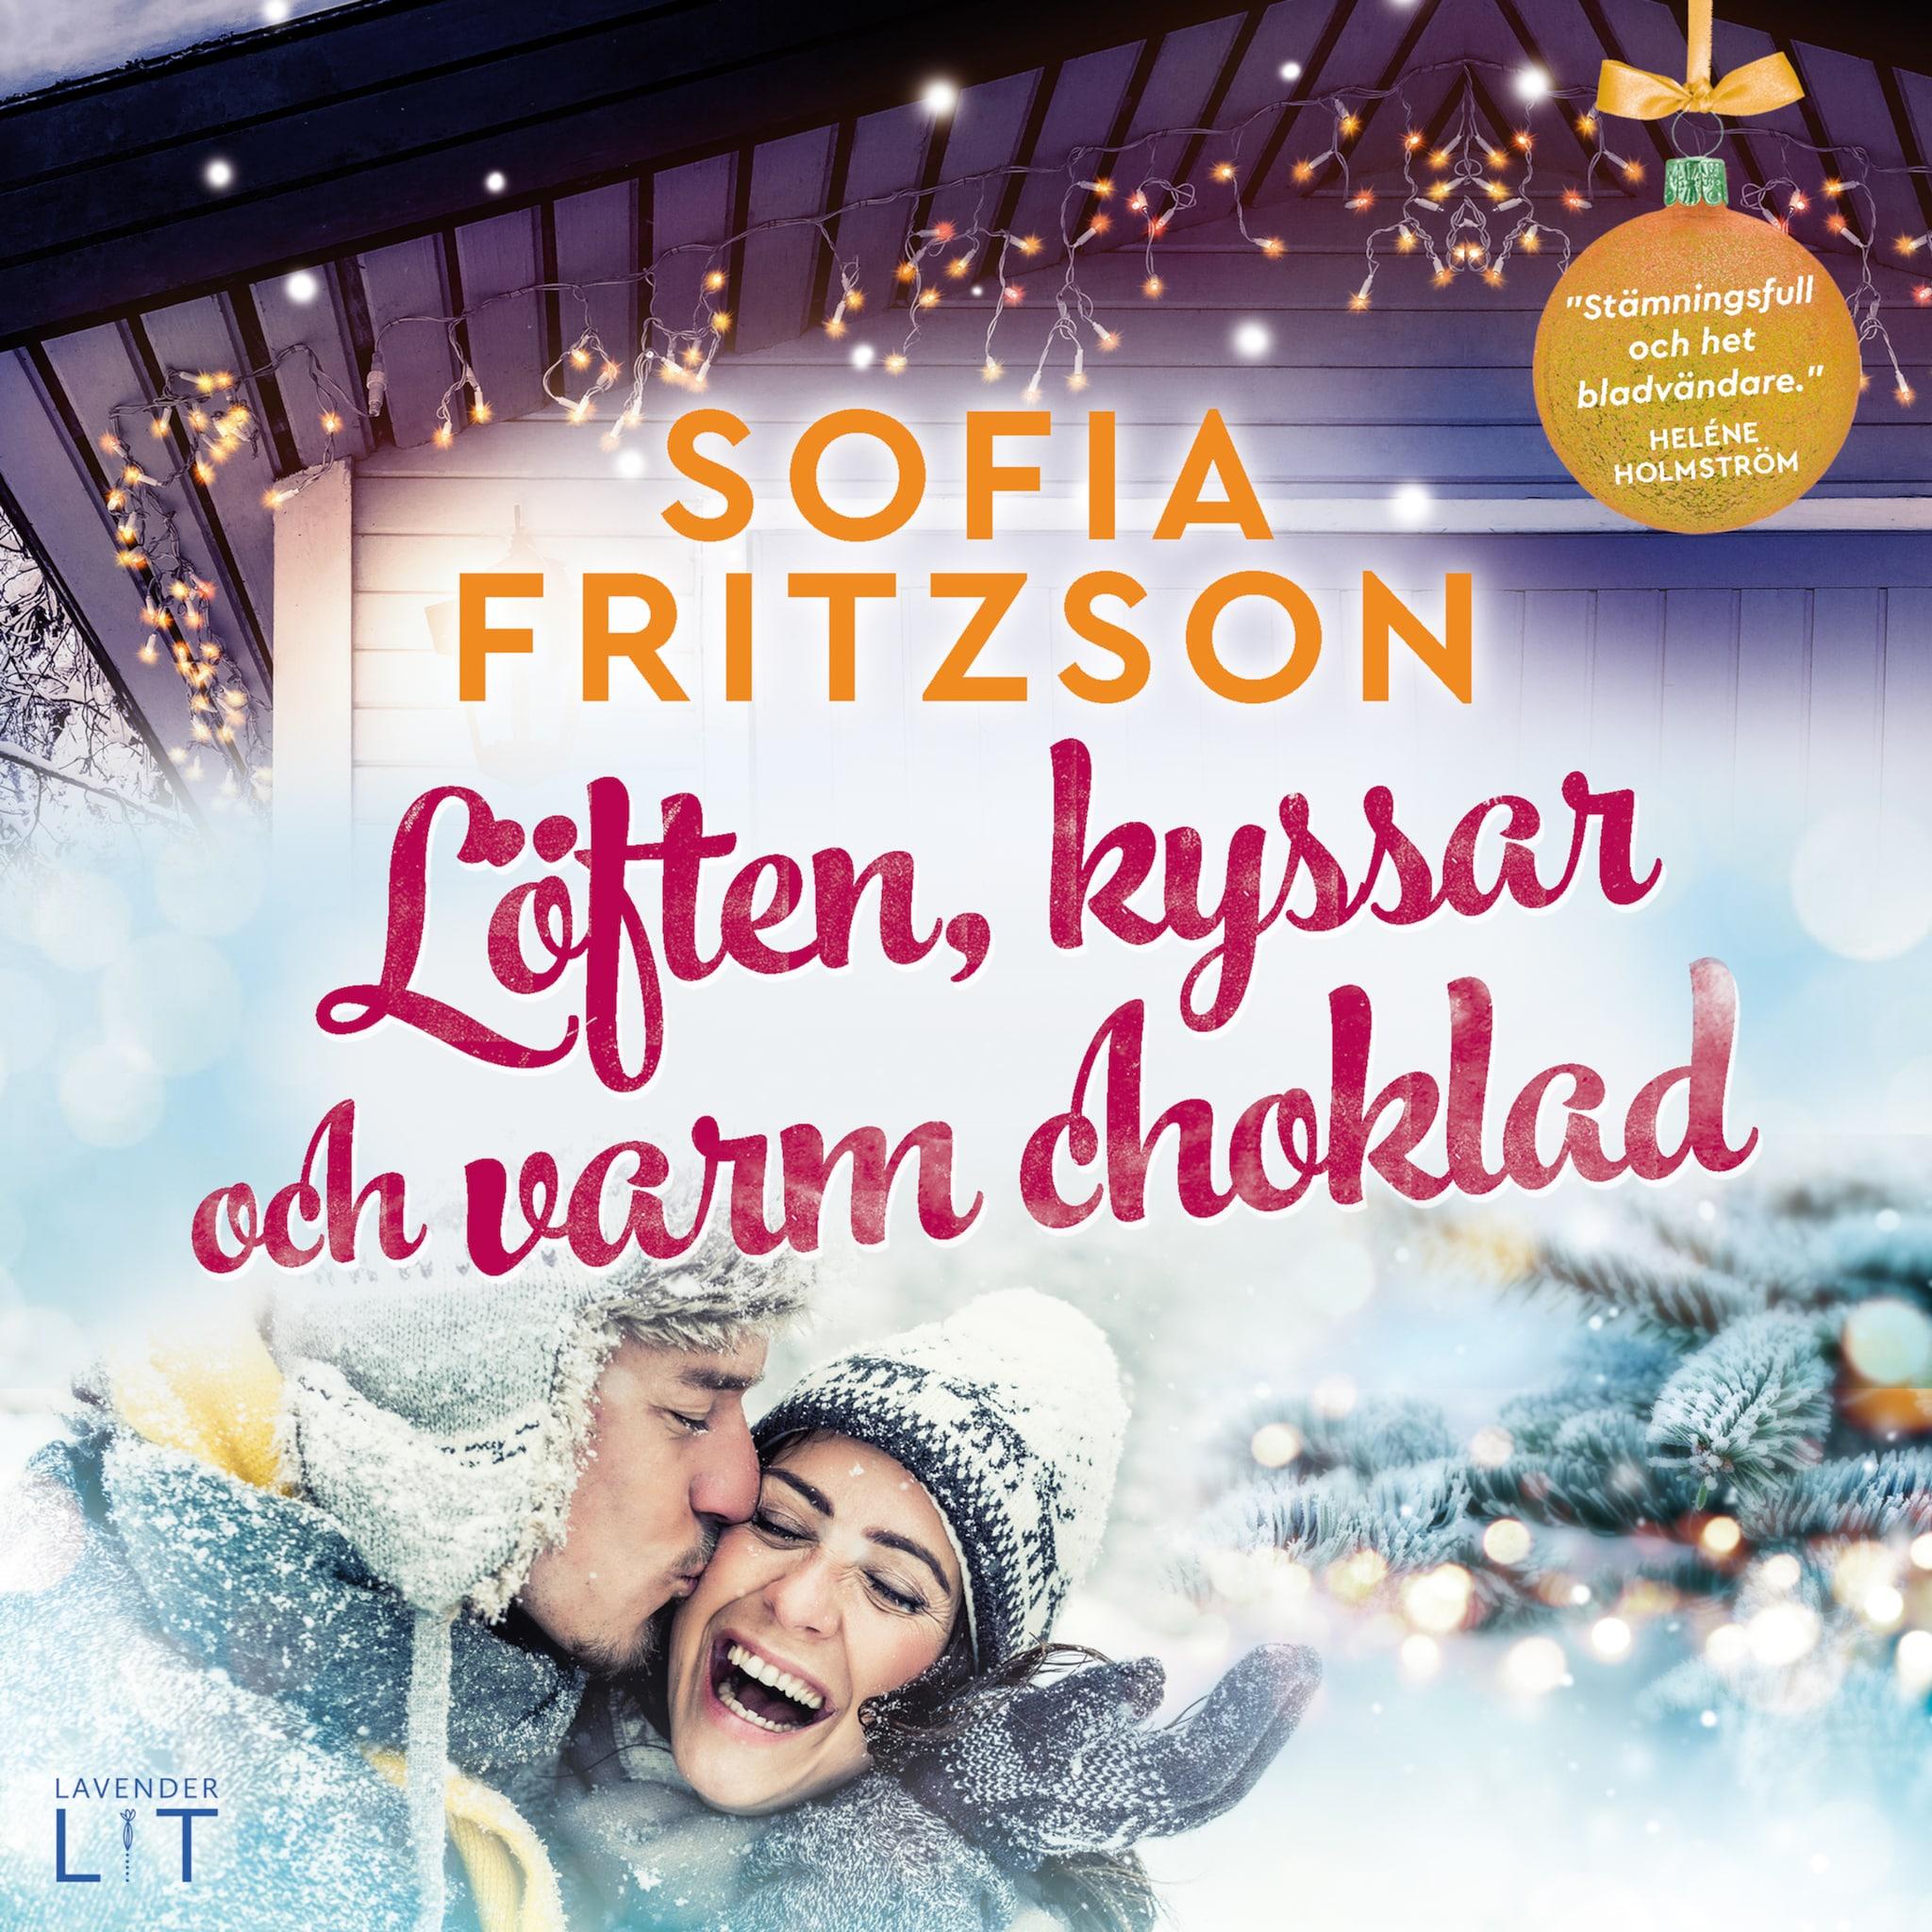 Löften, kyssar och varm choklad - Sofia Fritzson - E-bok - Ljudbok -  BookBeat